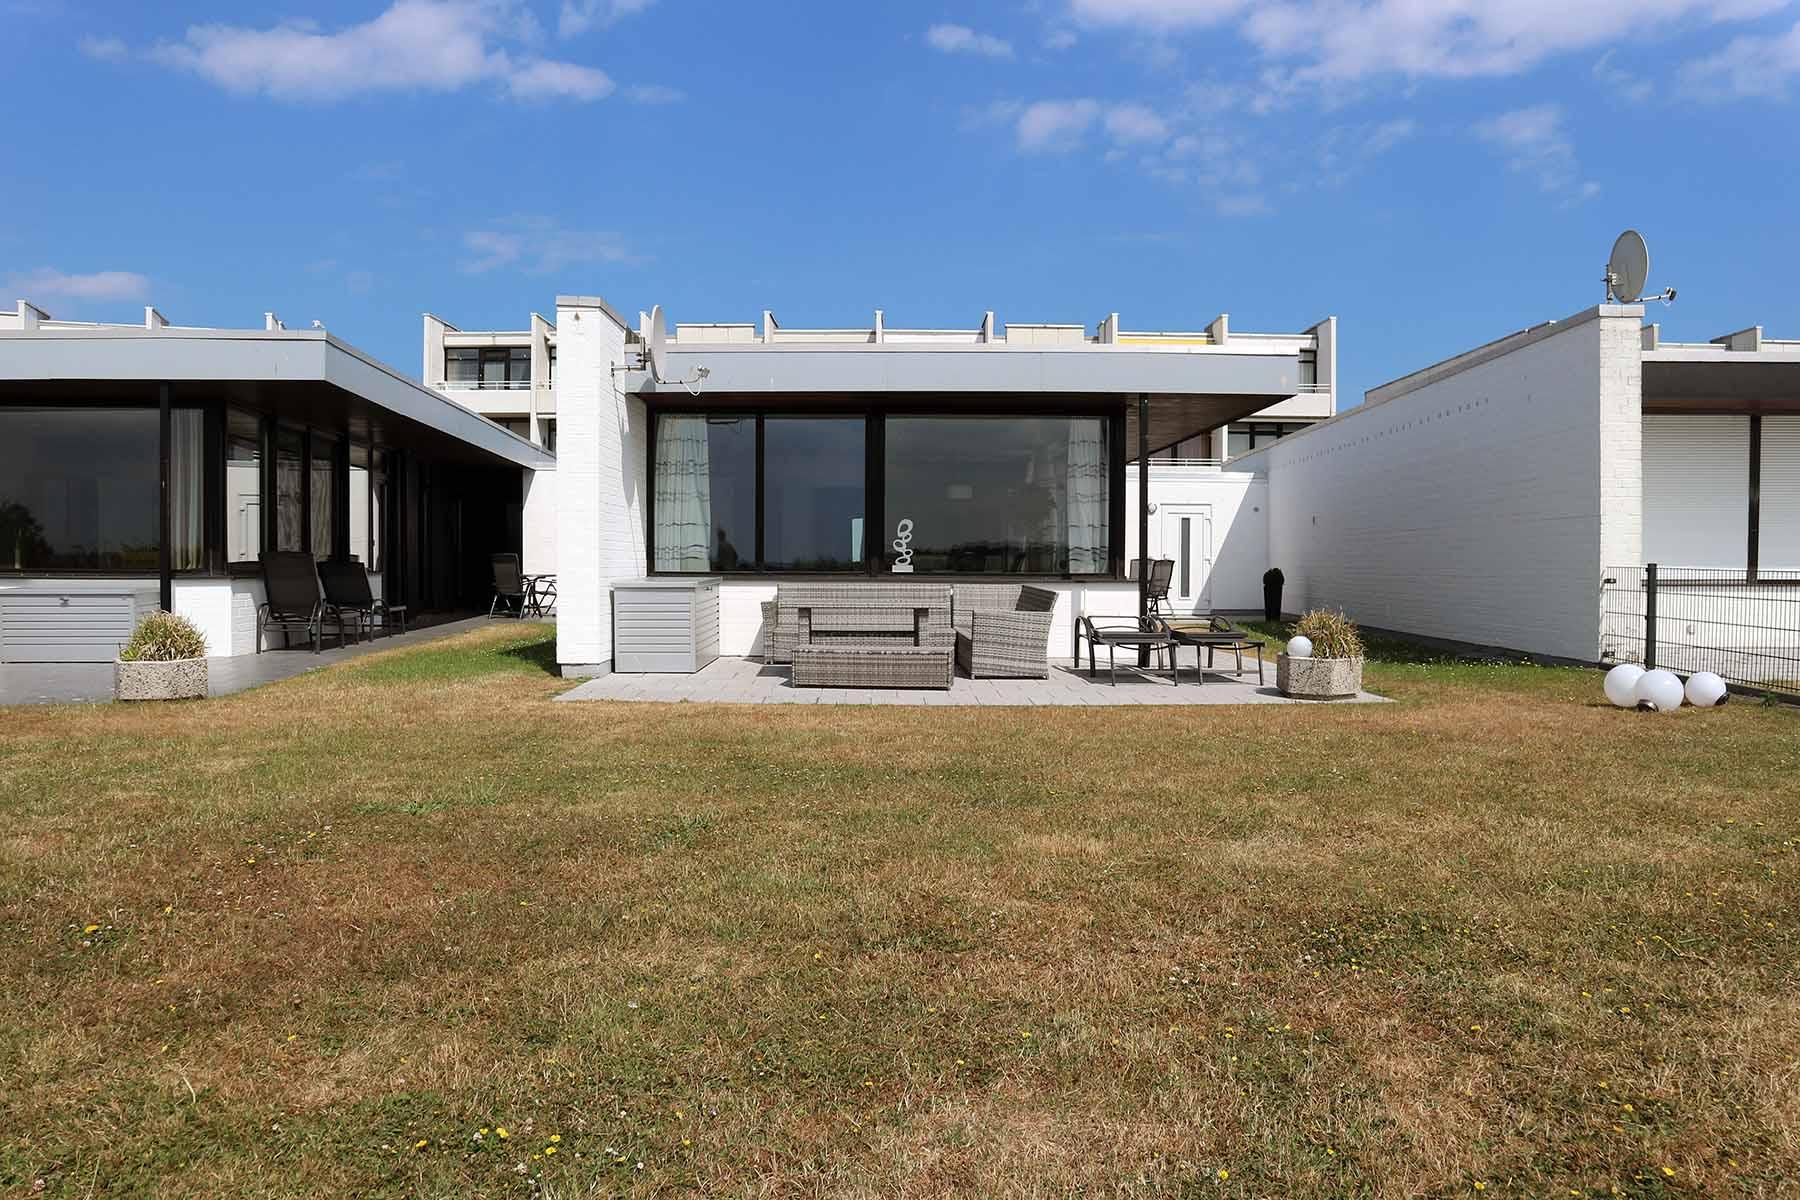 Die Bungalows. mit den Flachdächern sind ebenfalls Teil der Arne-Jacobsen-Feriensiedlung.